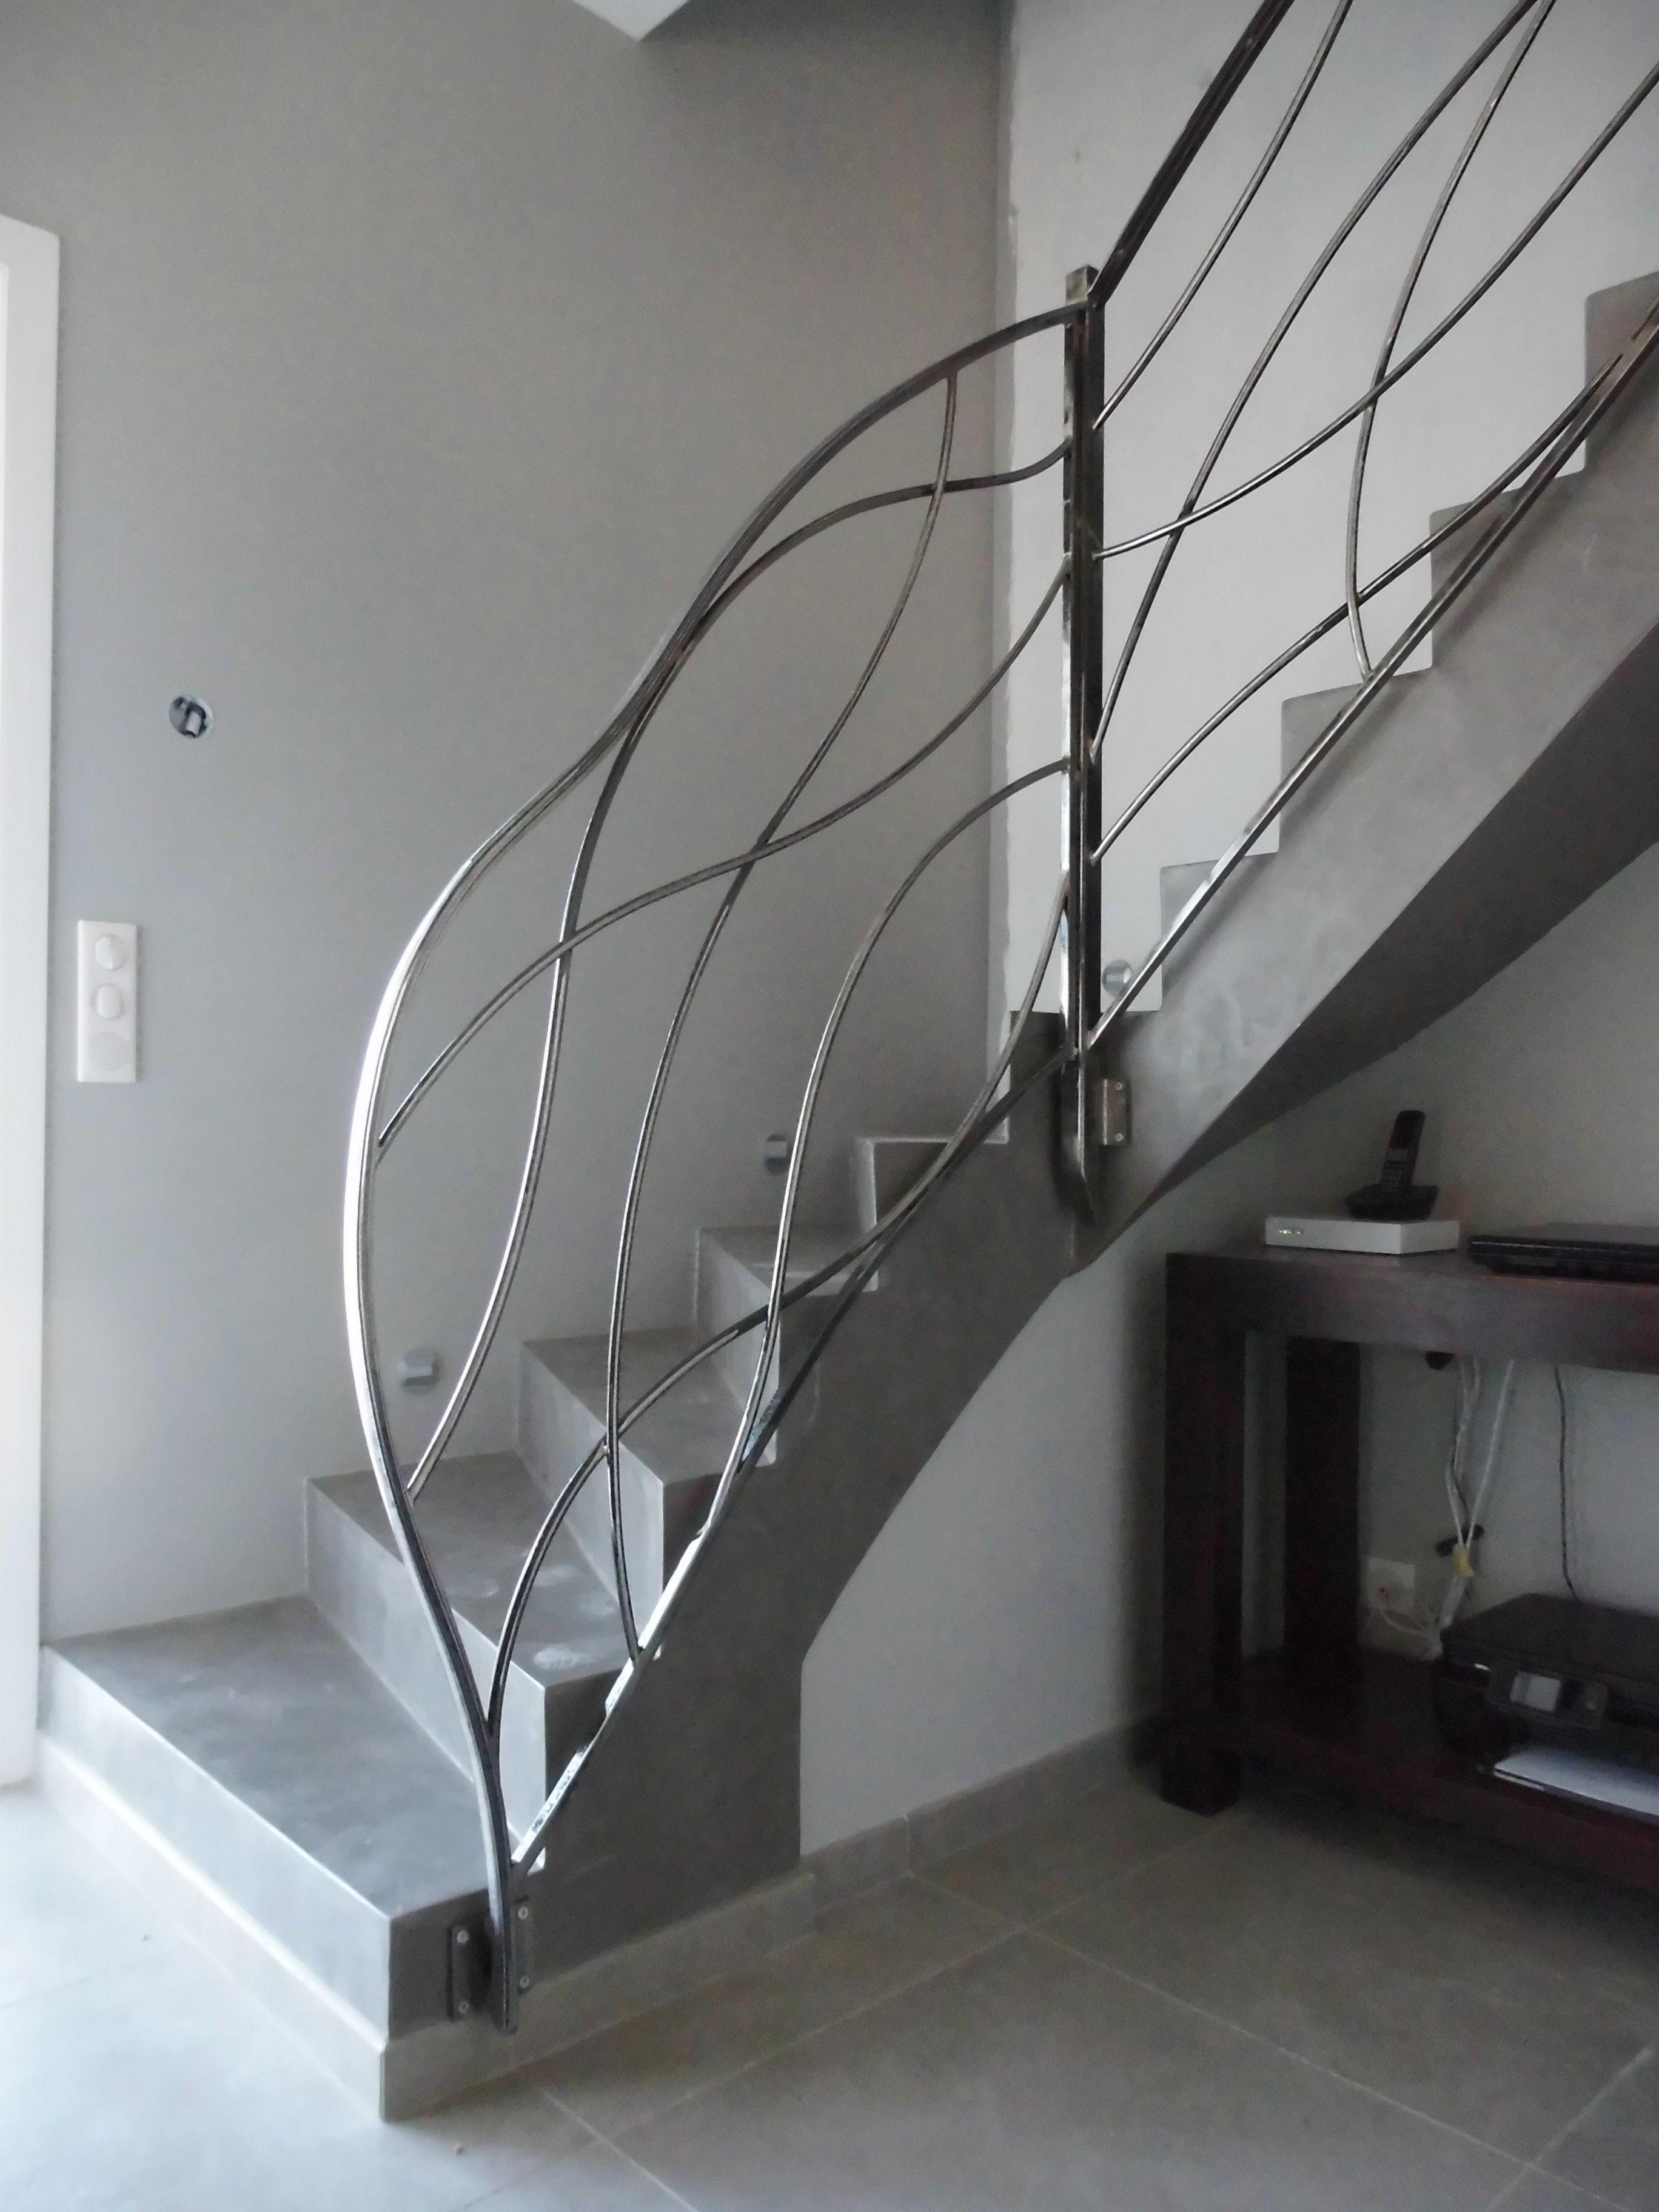 Fabrication D Escalier En Tunisie interieur moderne tunisie   rampe escalier intérieur